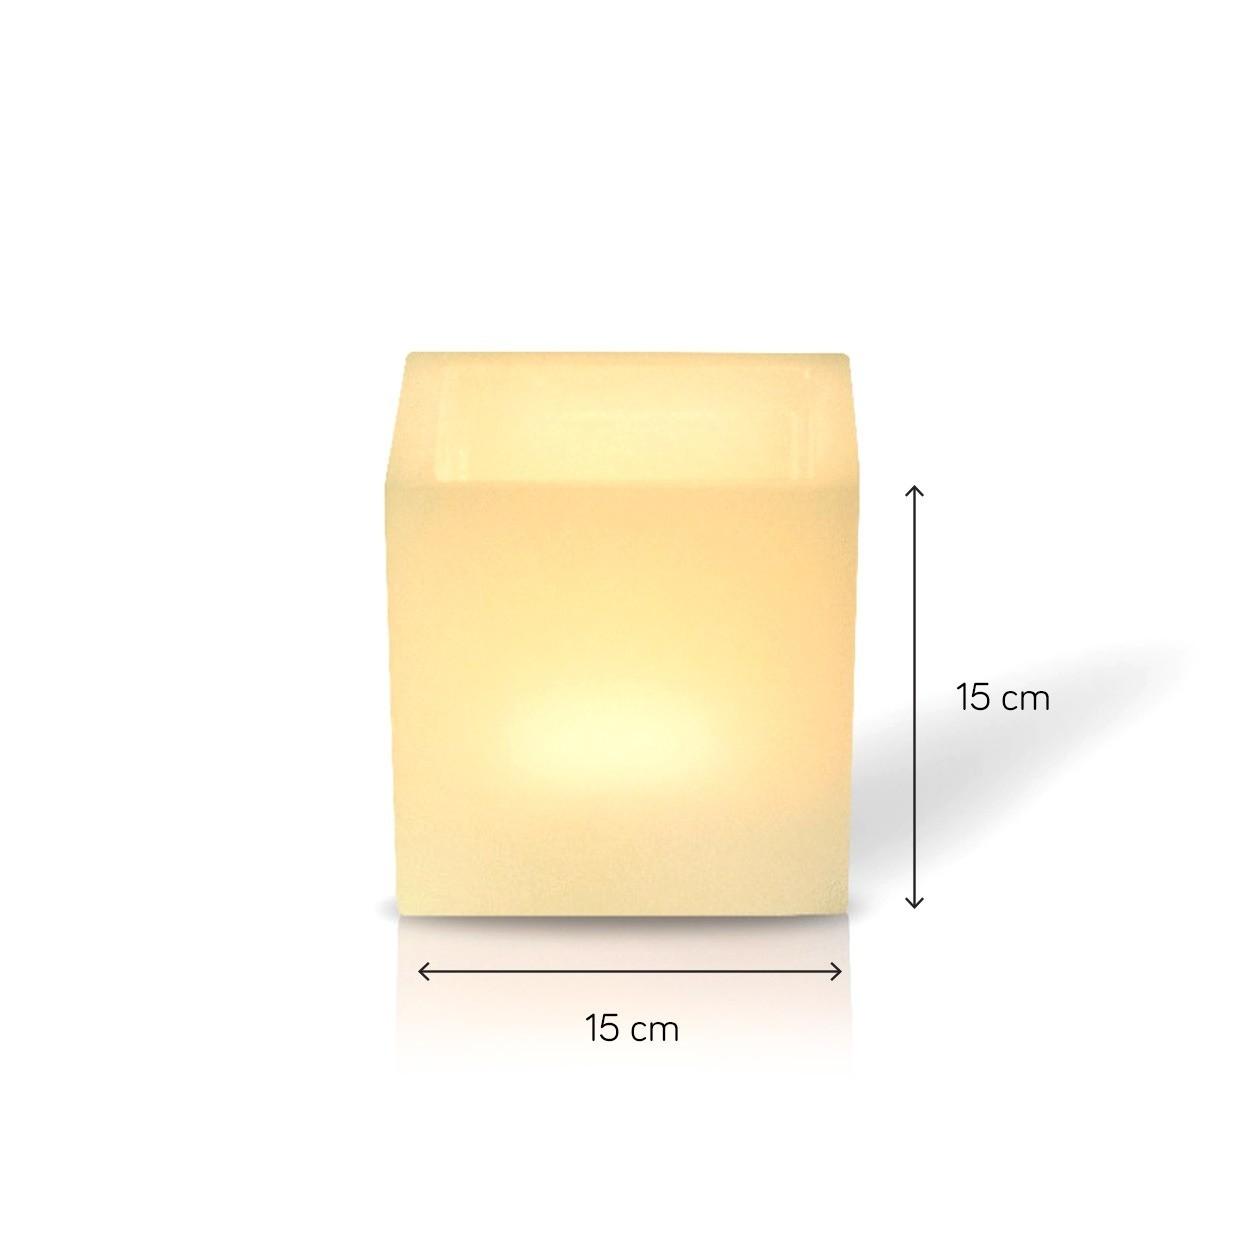 Luminária Quadrada com 15 cm